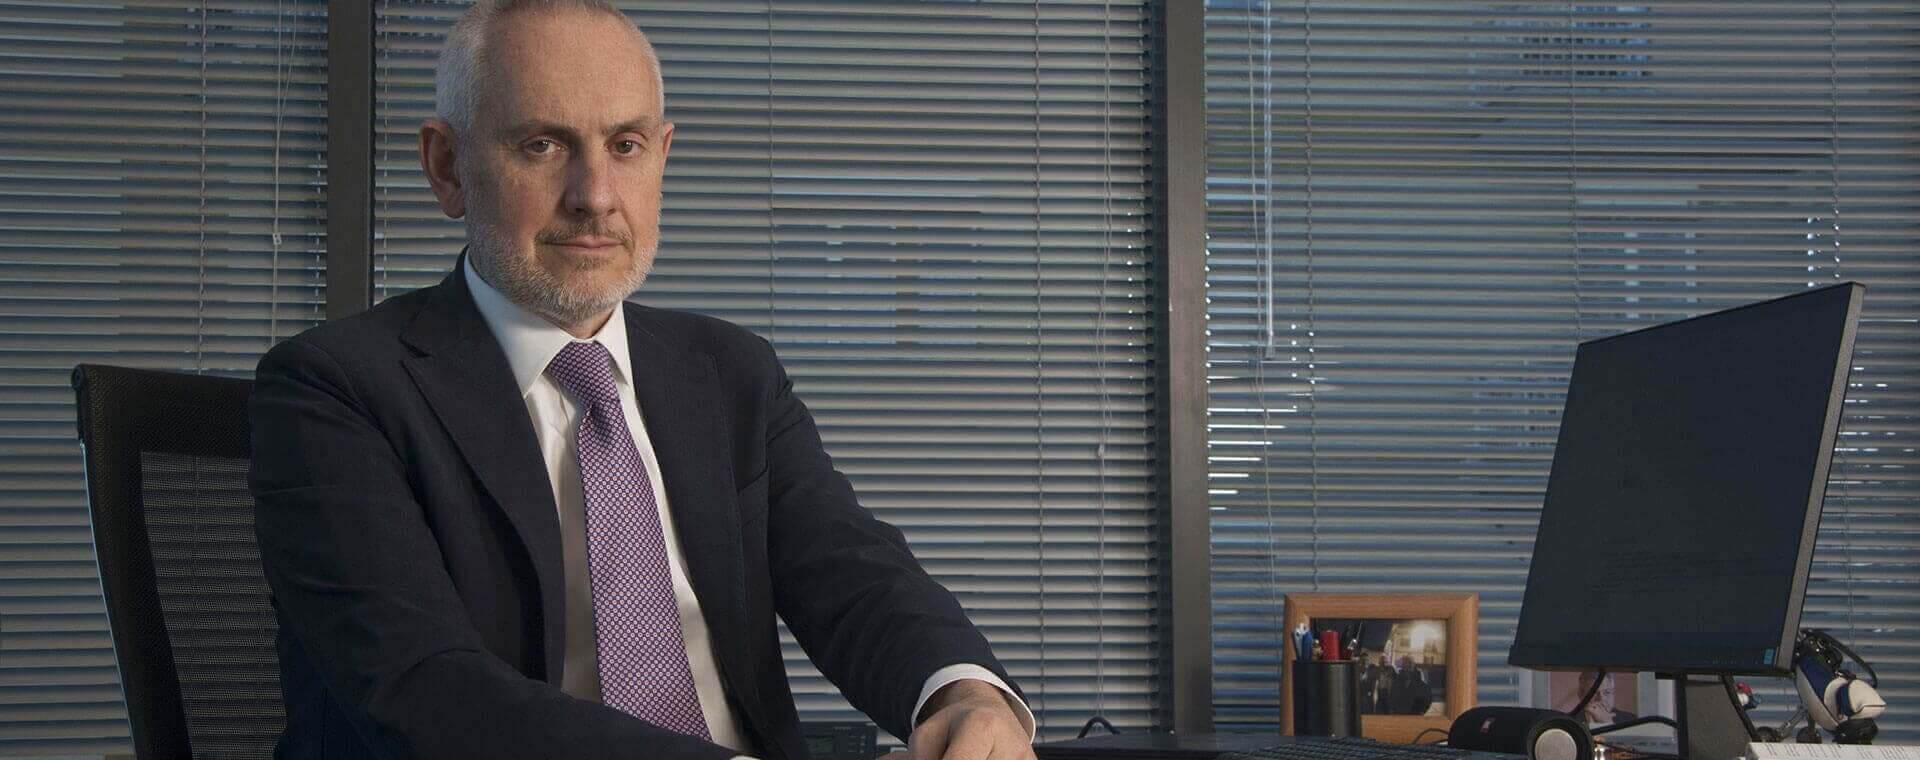 Sermetra Holding: intervista al Presidente e AD